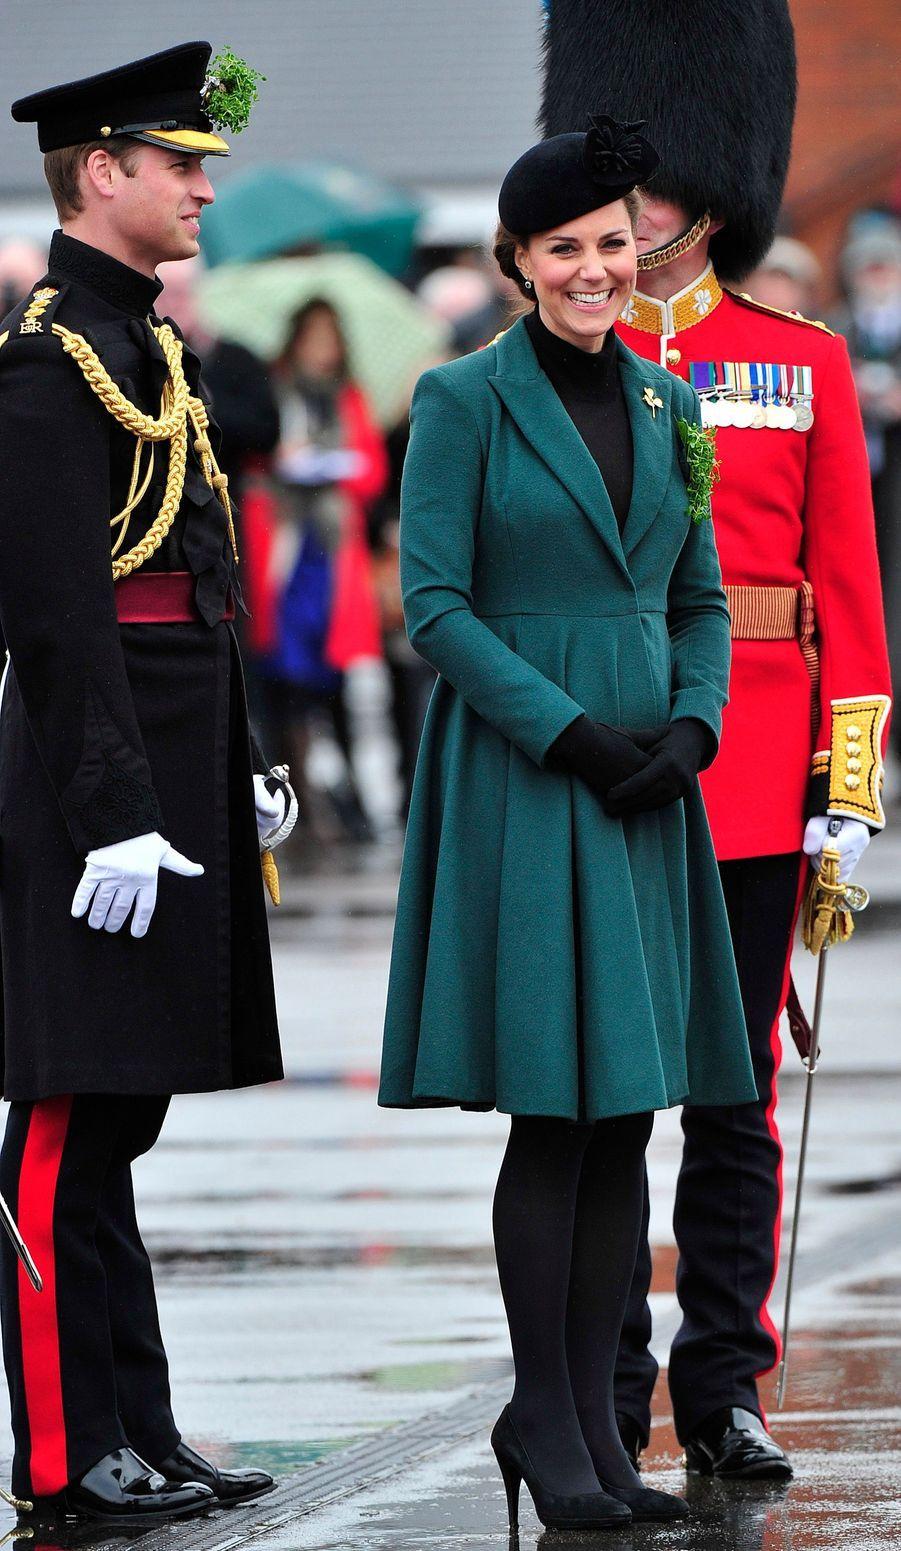 La duchesse de Cambridge, née Kate Middleton, en Emilia Wickstead pour la St Patrick à Aldershot, le 17 mars 2013